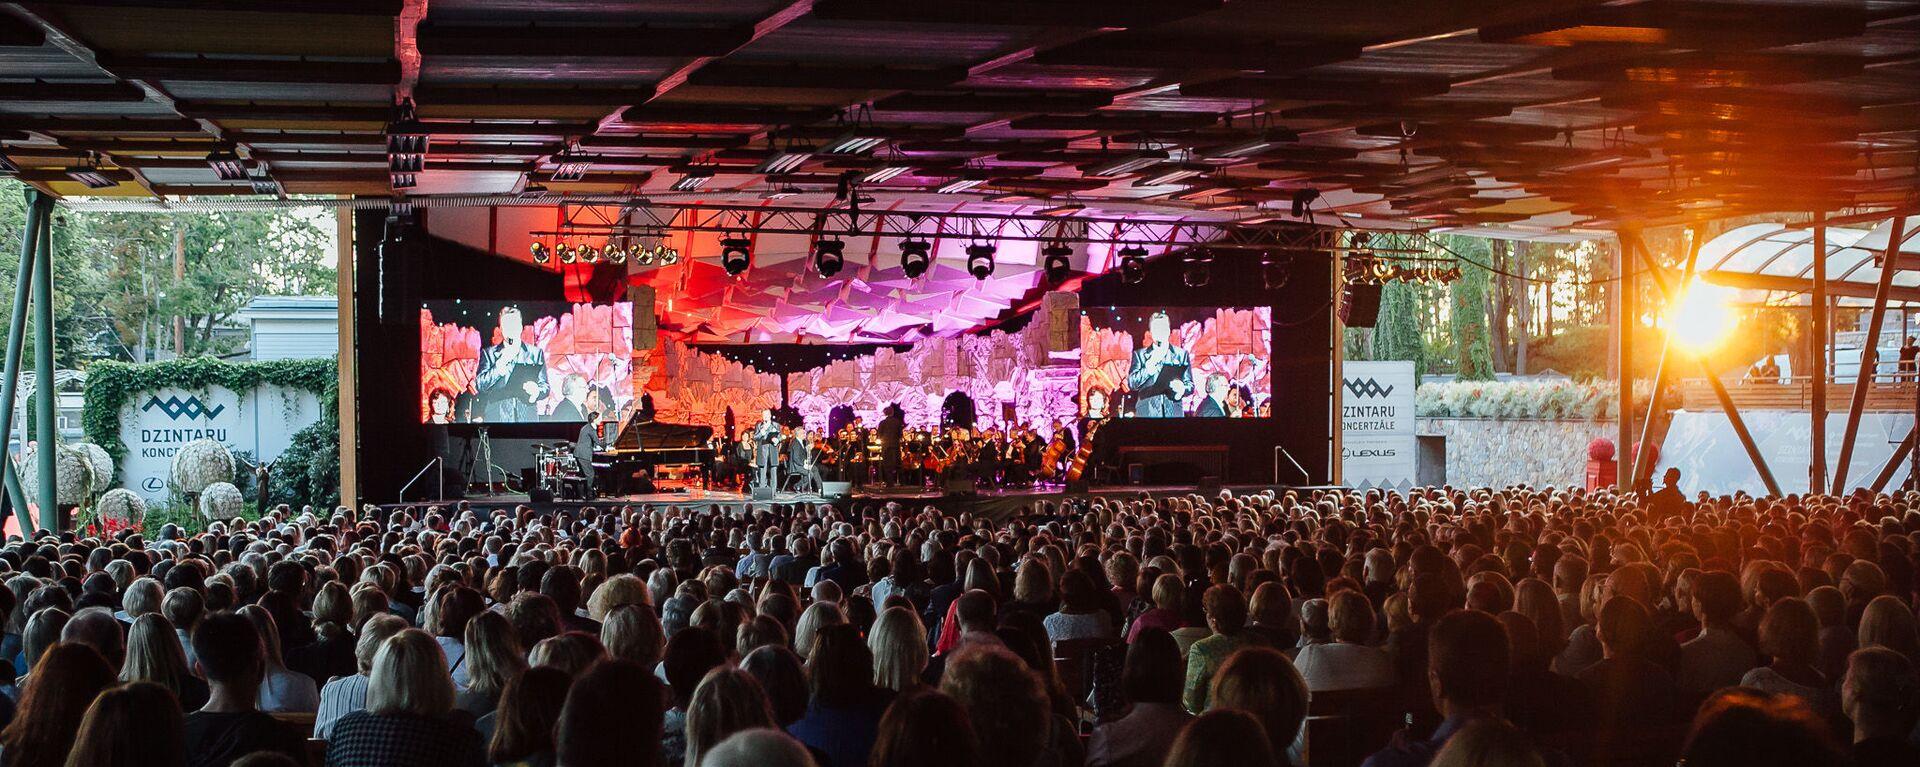 Гала-концерт фестиваля Инессы Галанте - Sputnik Латвия, 1920, 23.08.2020